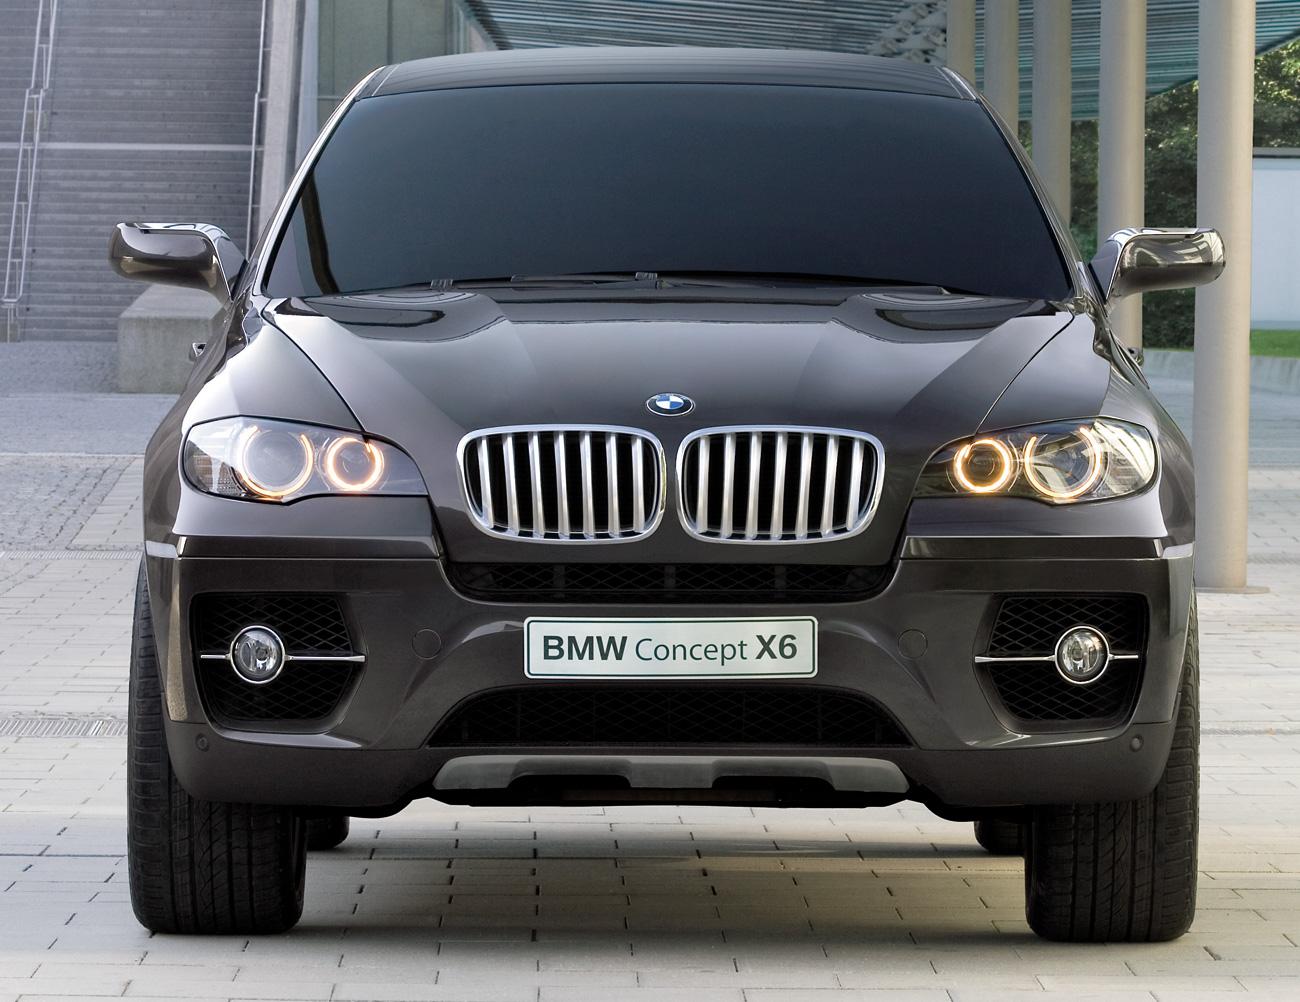 2011 BMW ActiveHybrid X6 Rear